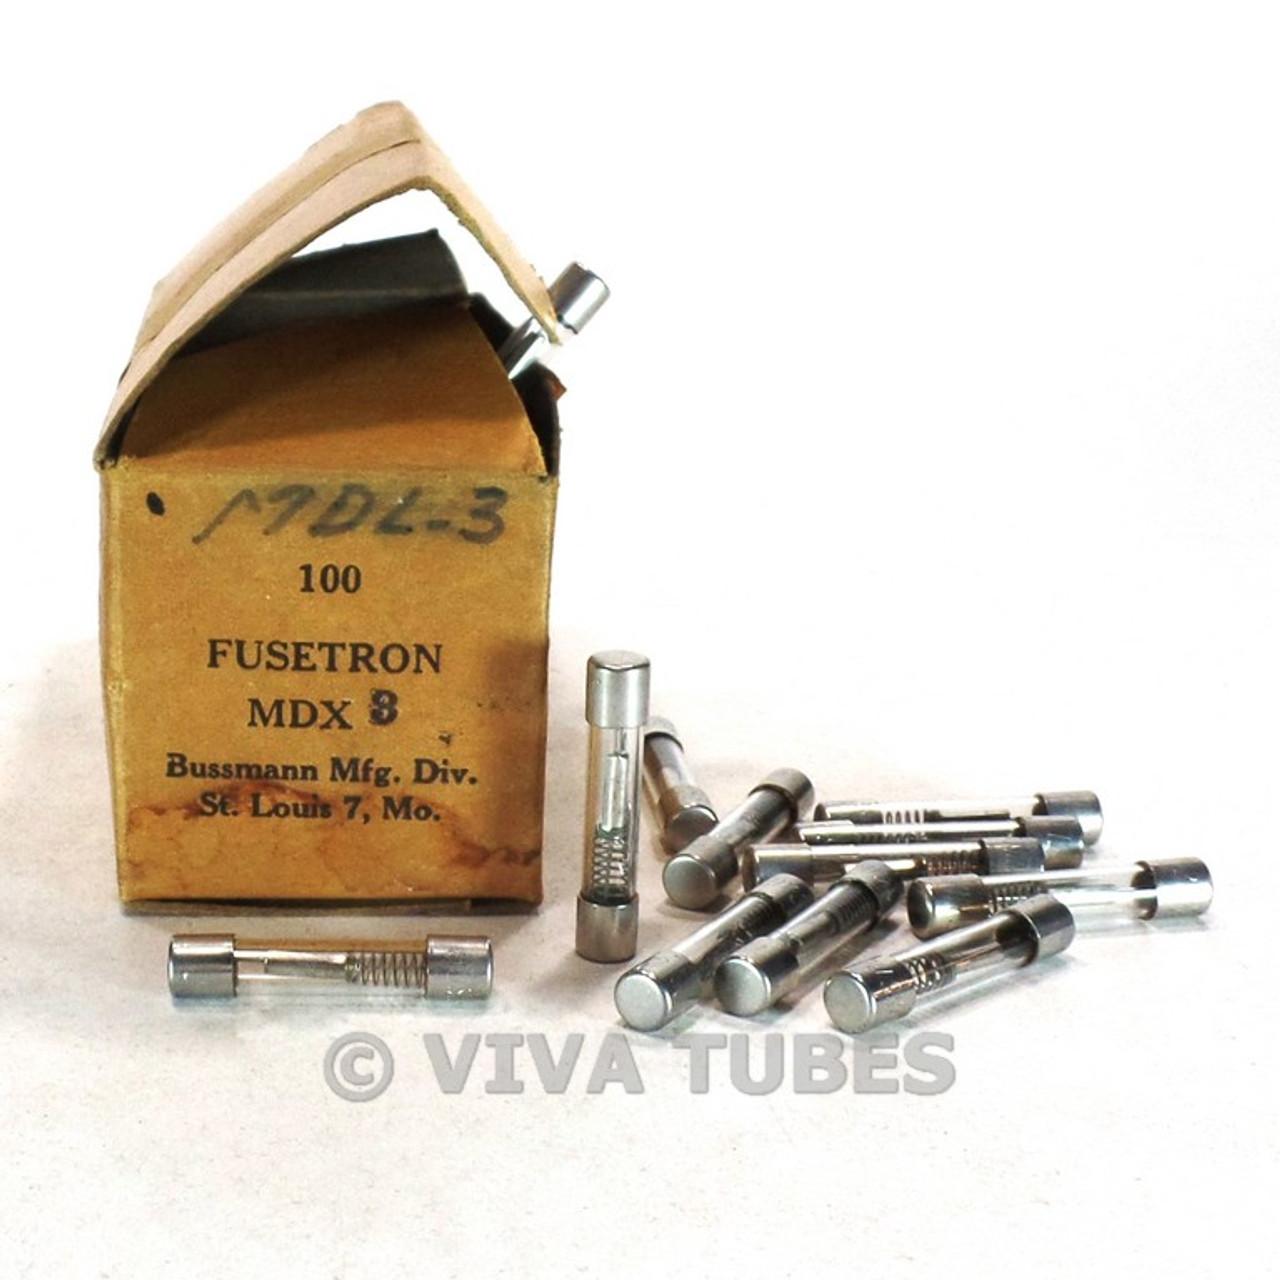 [DIAGRAM_4PO]  NOS NIB Vintage Box of 100 Miniature Bussman Fusetron Fuses Type MDX3 3 Amp  - VIVA TUBES | Vintage Box 100 Amp Fuse |  | VIVA TUBES